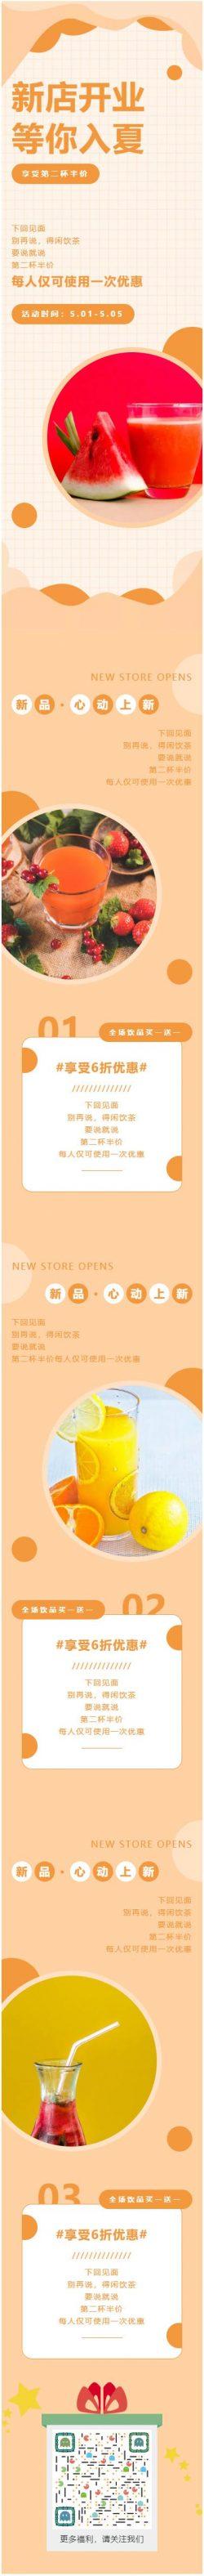 美食餐饮新店开业第二杯半价微信模板公众号宣传推文素材